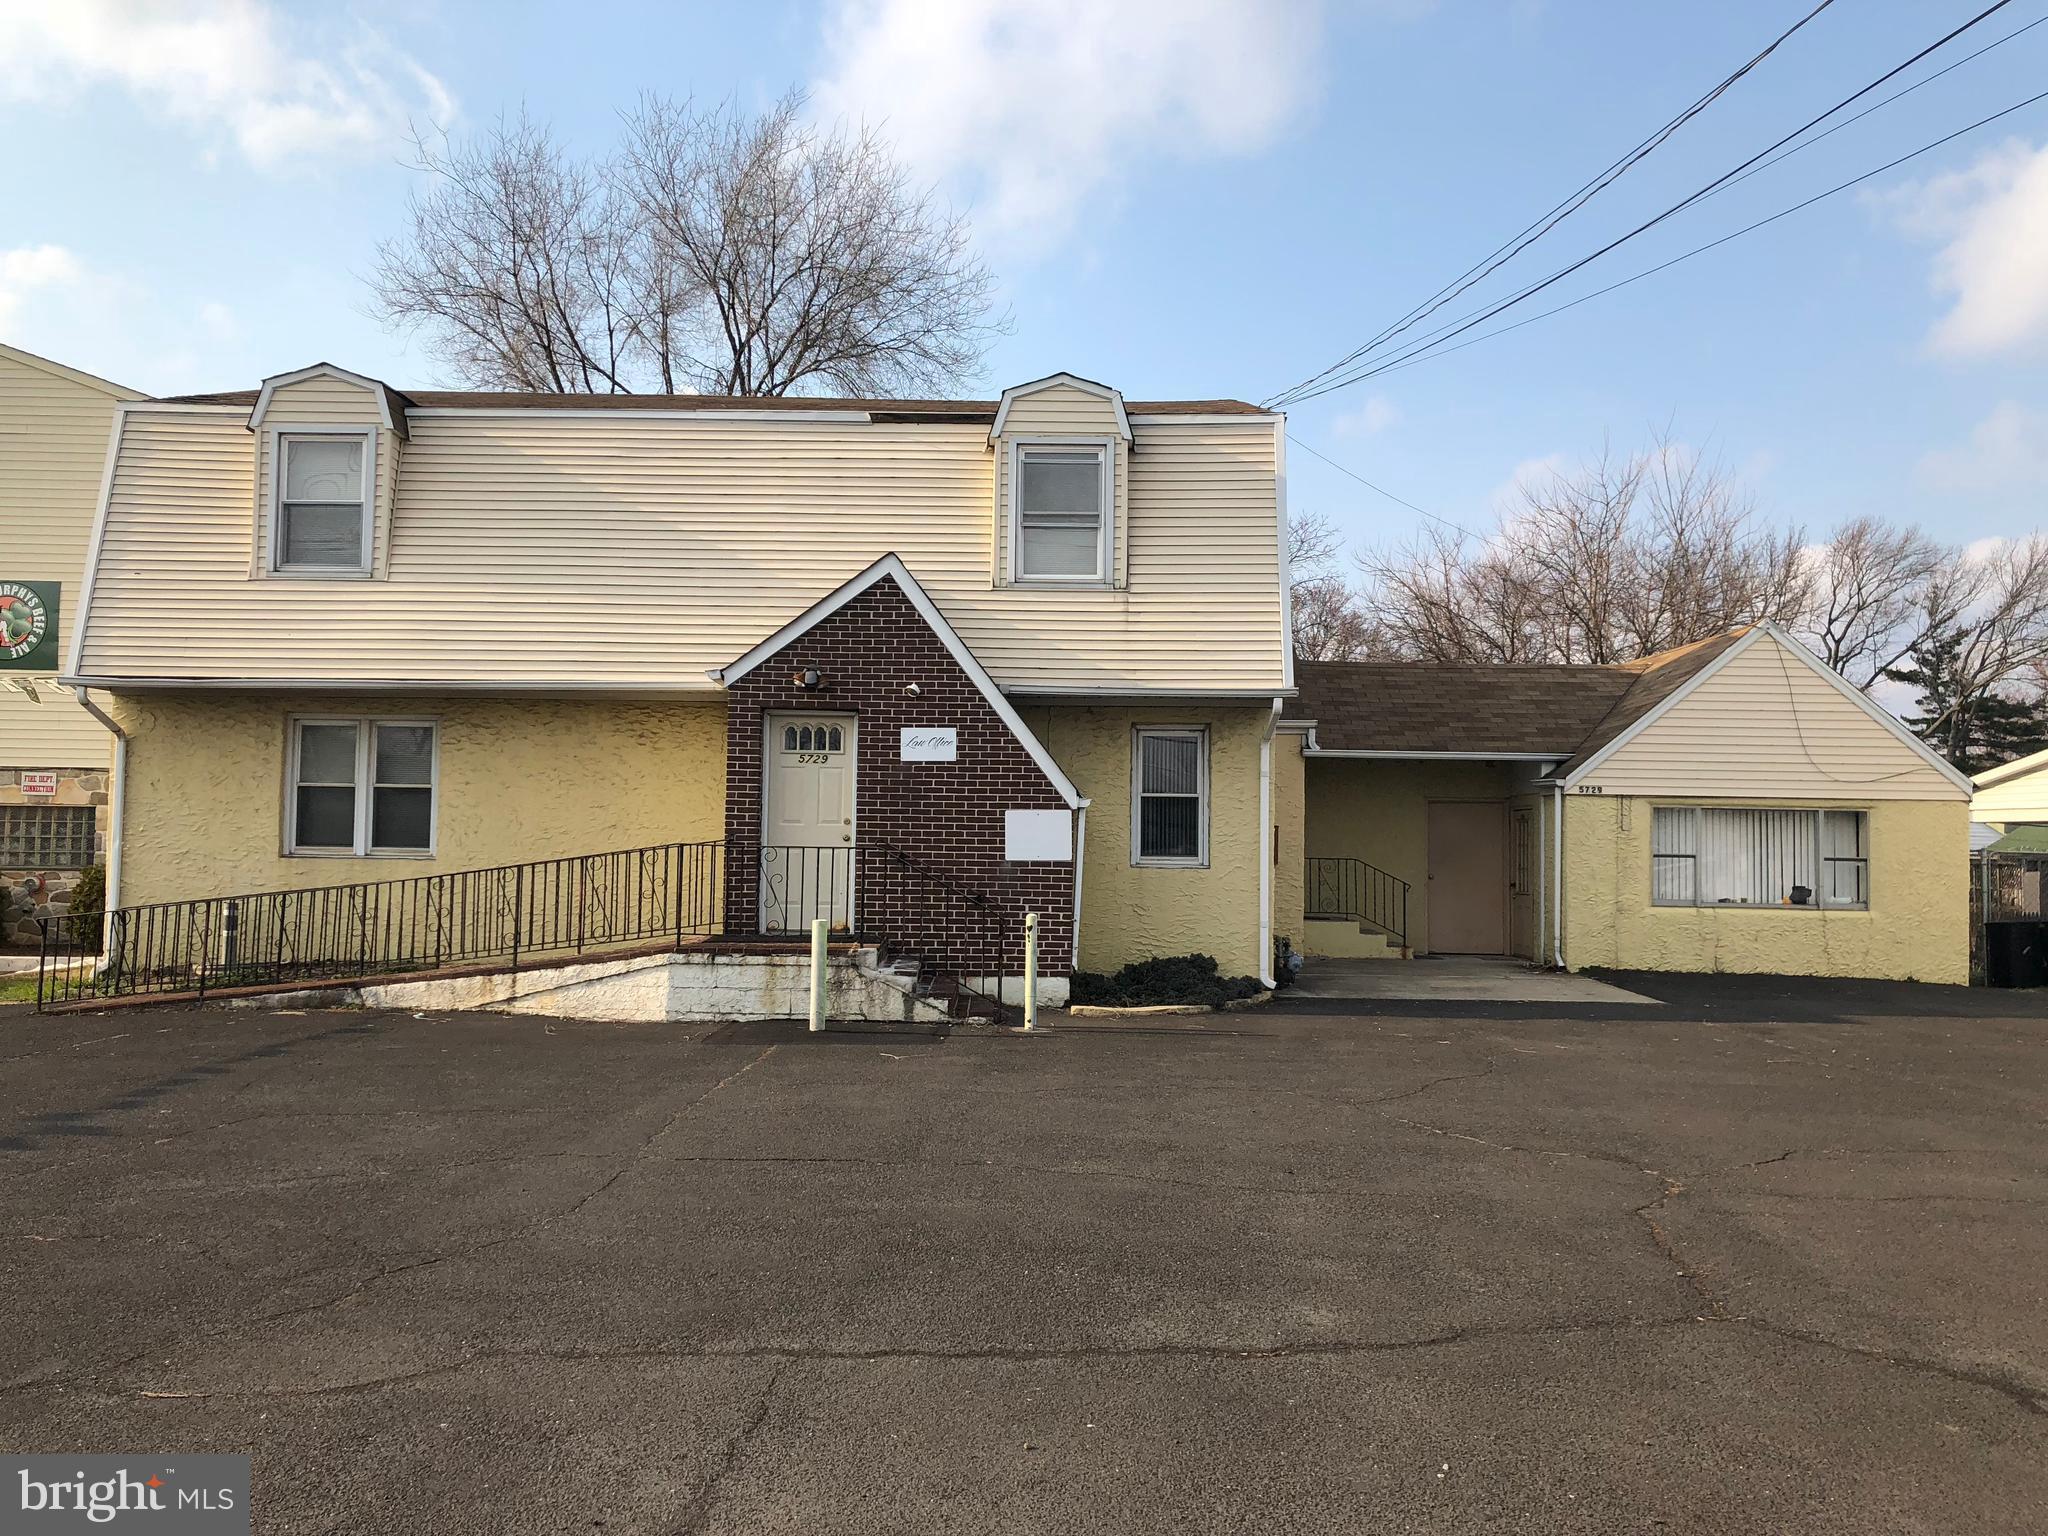 5729 EMILIE ROAD, LEVITTOWN, PA 19057